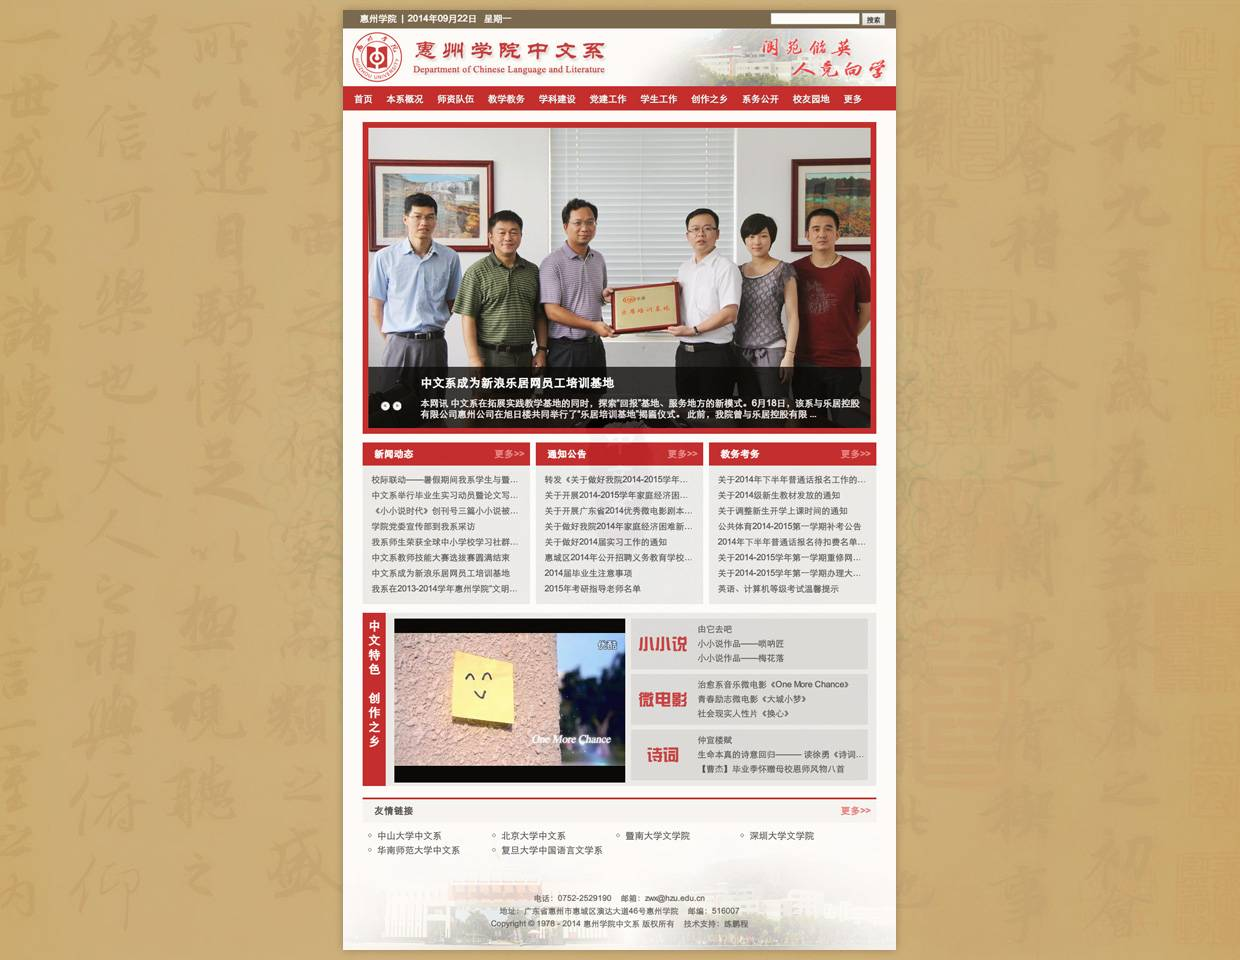 惠州学院中文系网站